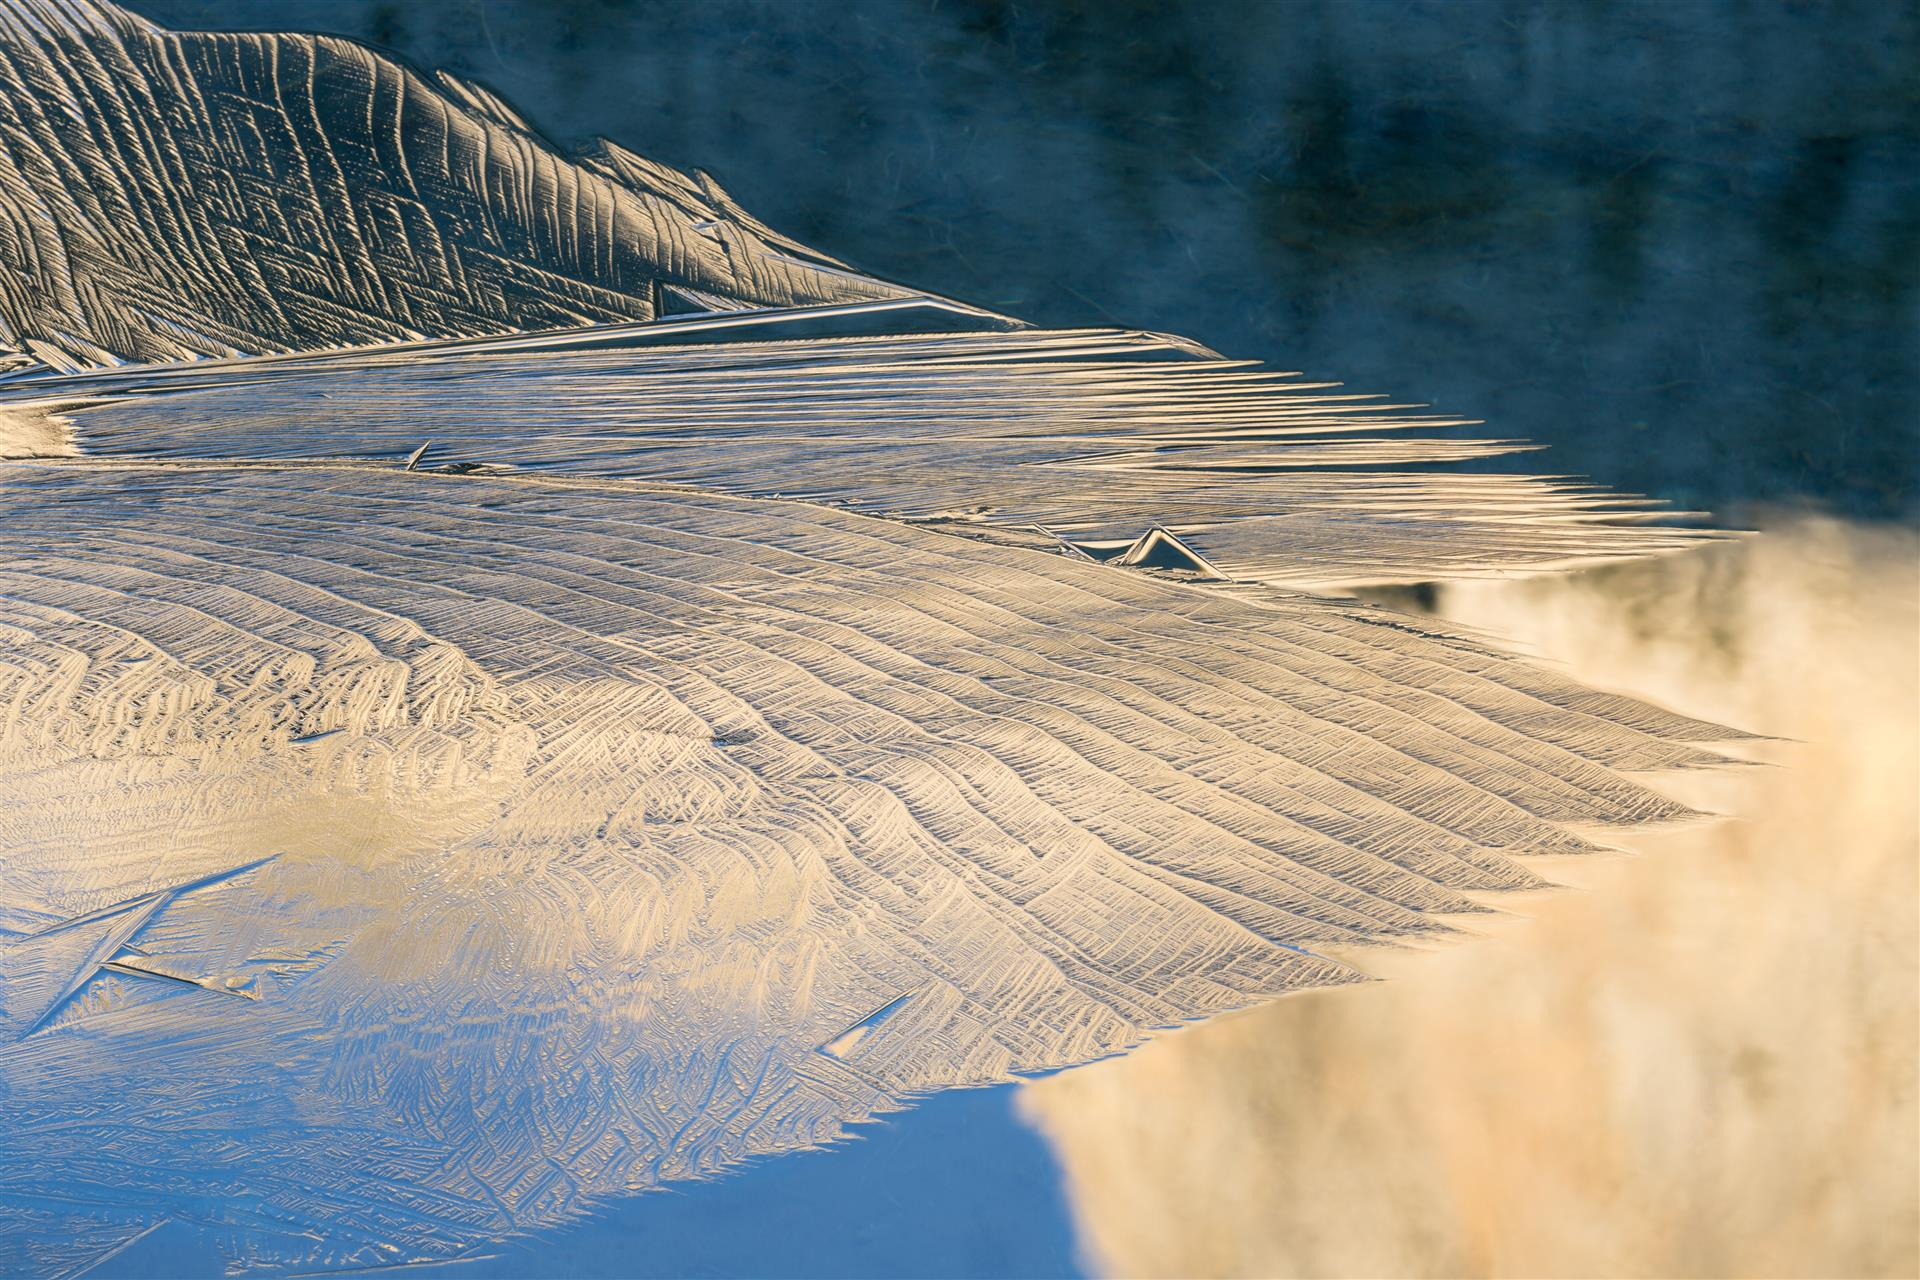 Ice Pattern on High Sierra Pond, Eastern Sierra, Kirk Keeler